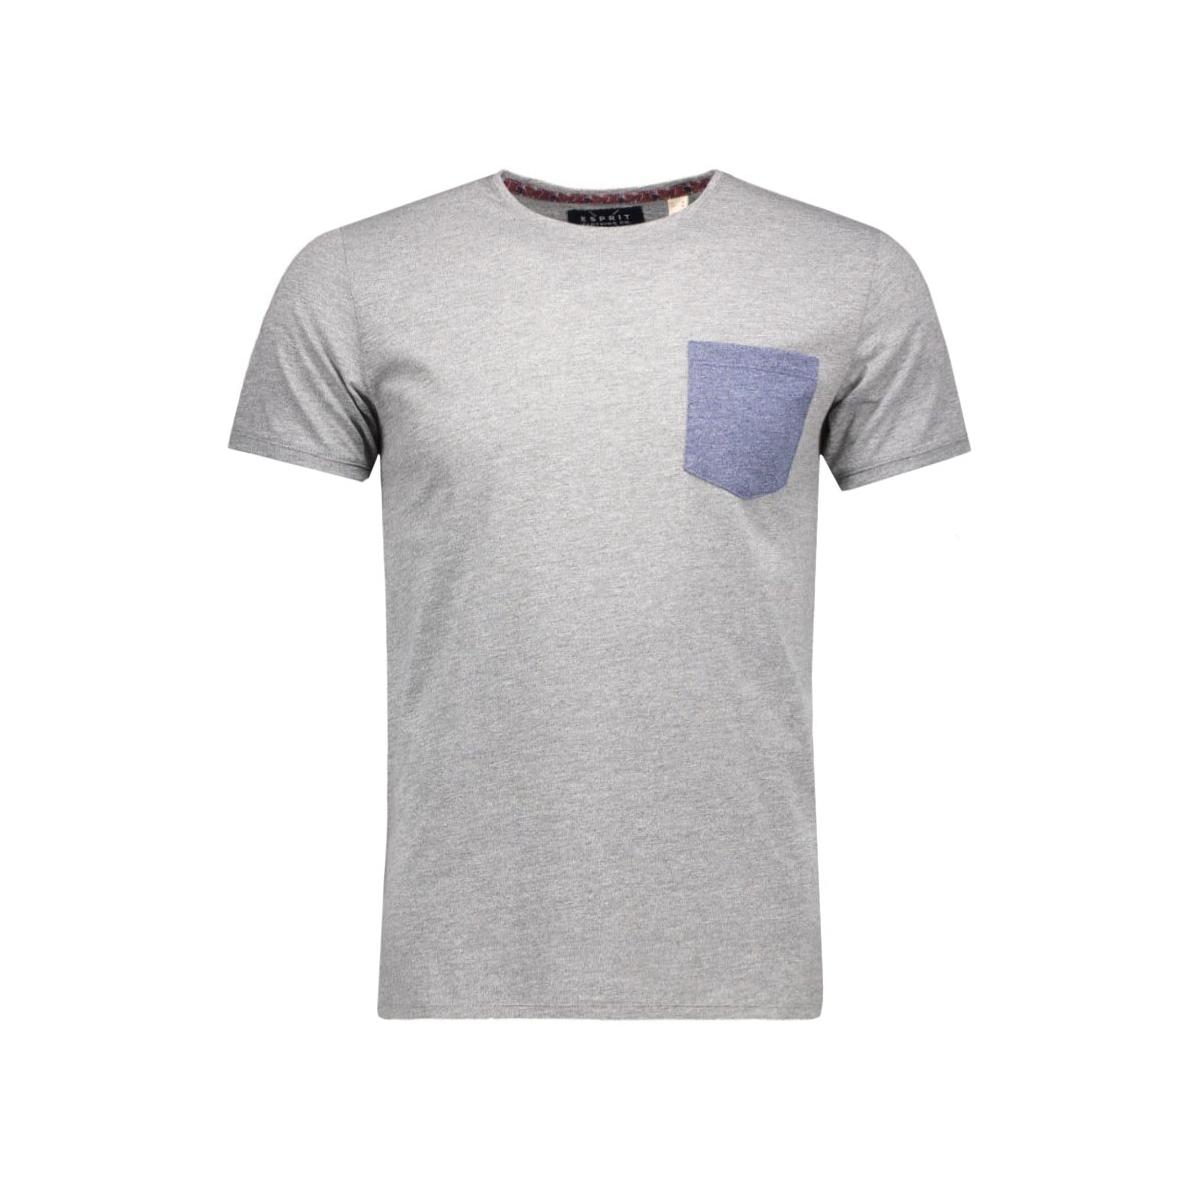 086ee2k004 esprit t-shirt e035